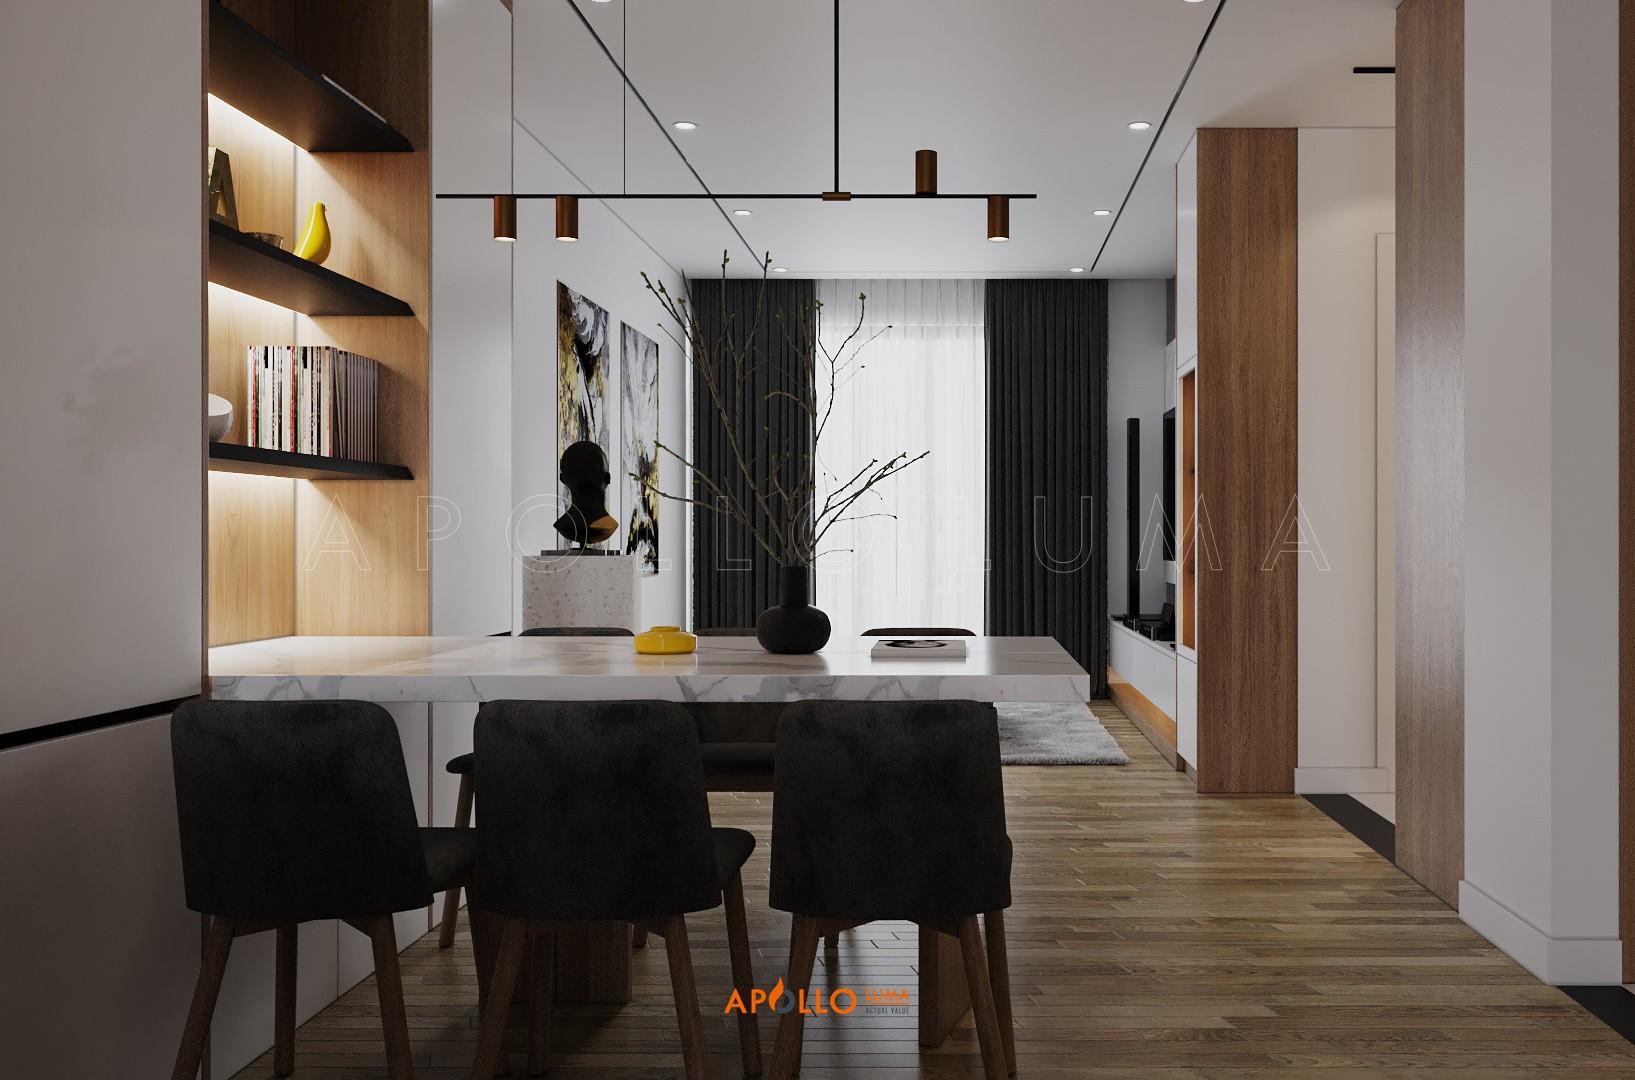 Thiết kế nội thất căn hộ 2 phòng ngủ (82m2) Imperia Sky Garden 423 Minh Khai